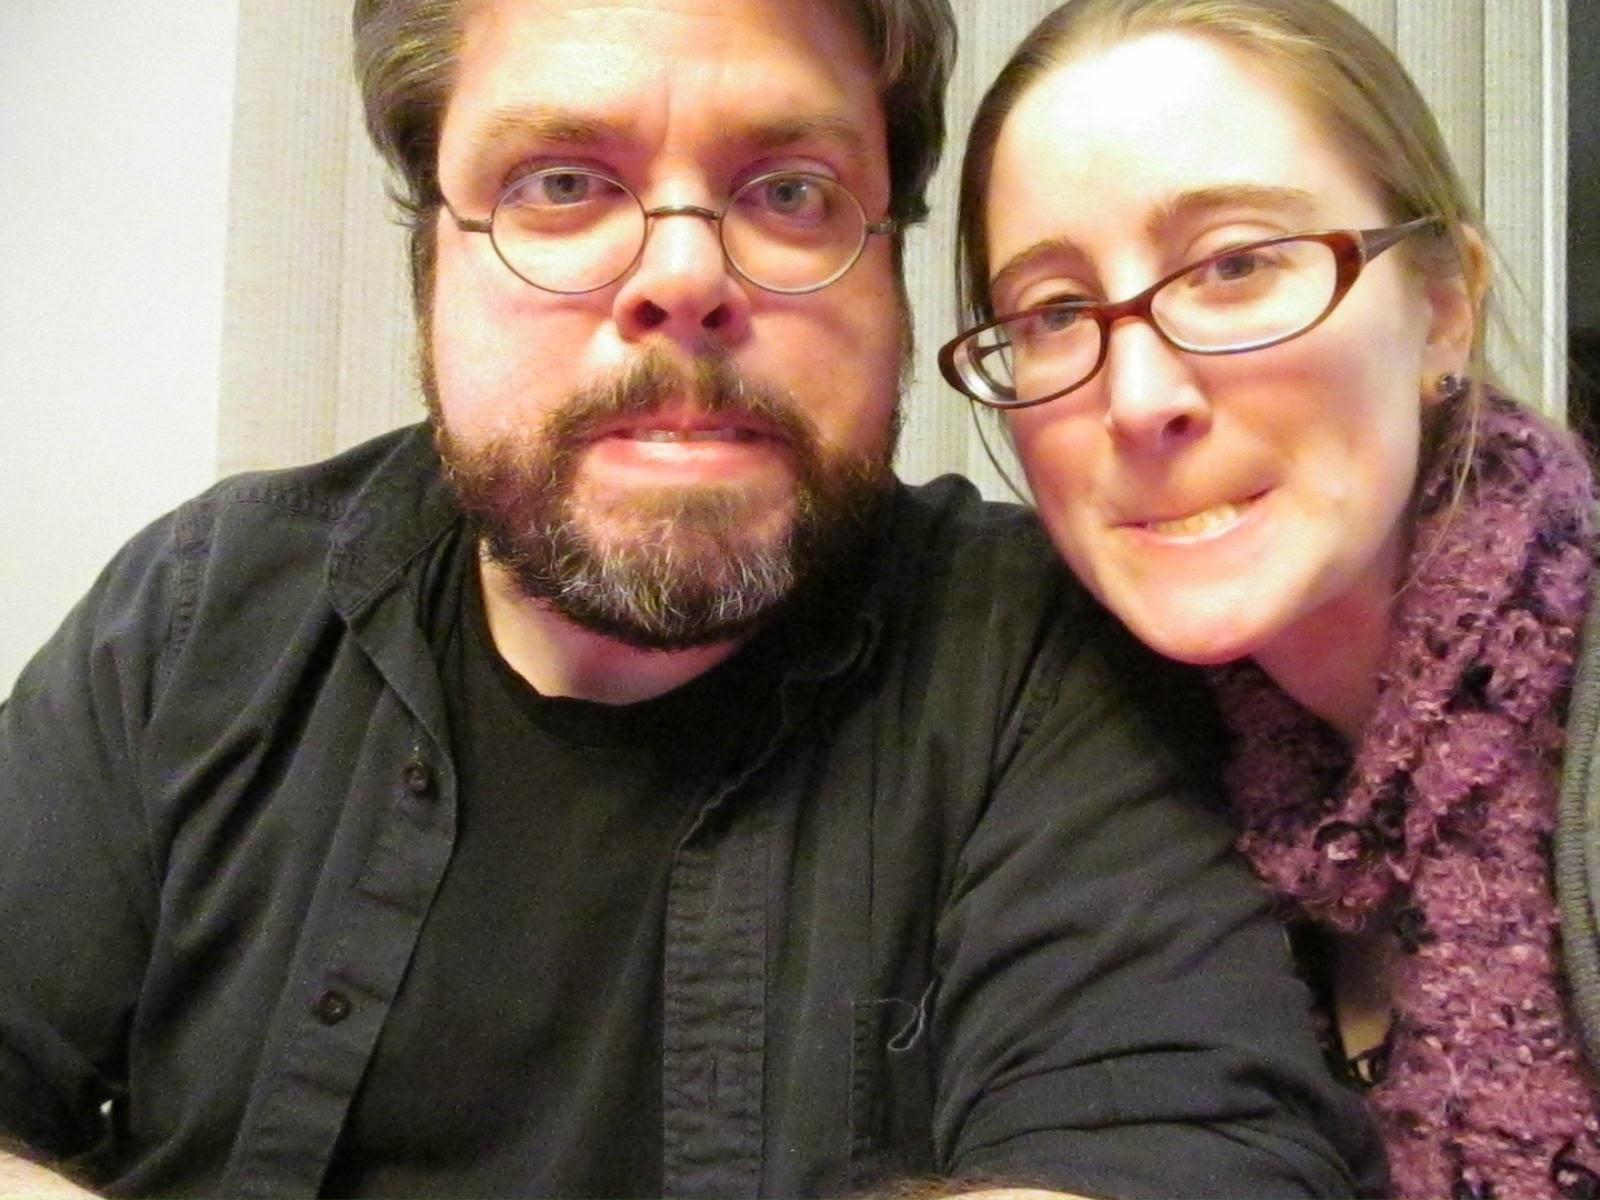 Jack & Colleen - ogres 4 life!